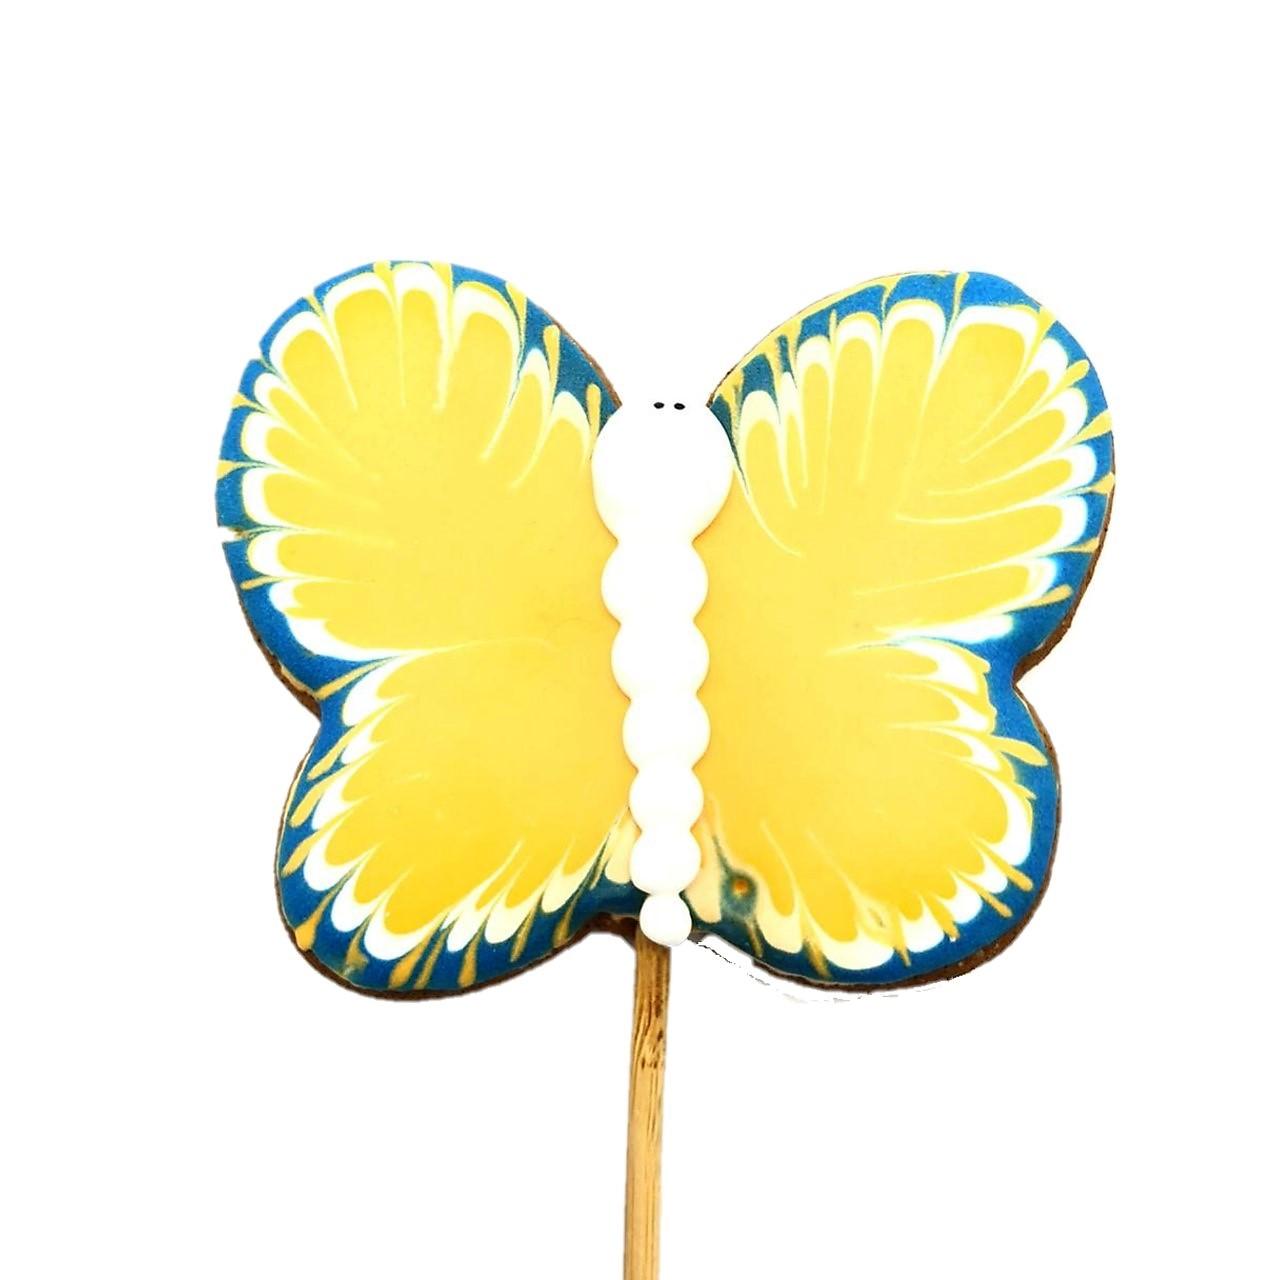 Pirulito Bolacha de Mel - Borboleta Amarela e Azul